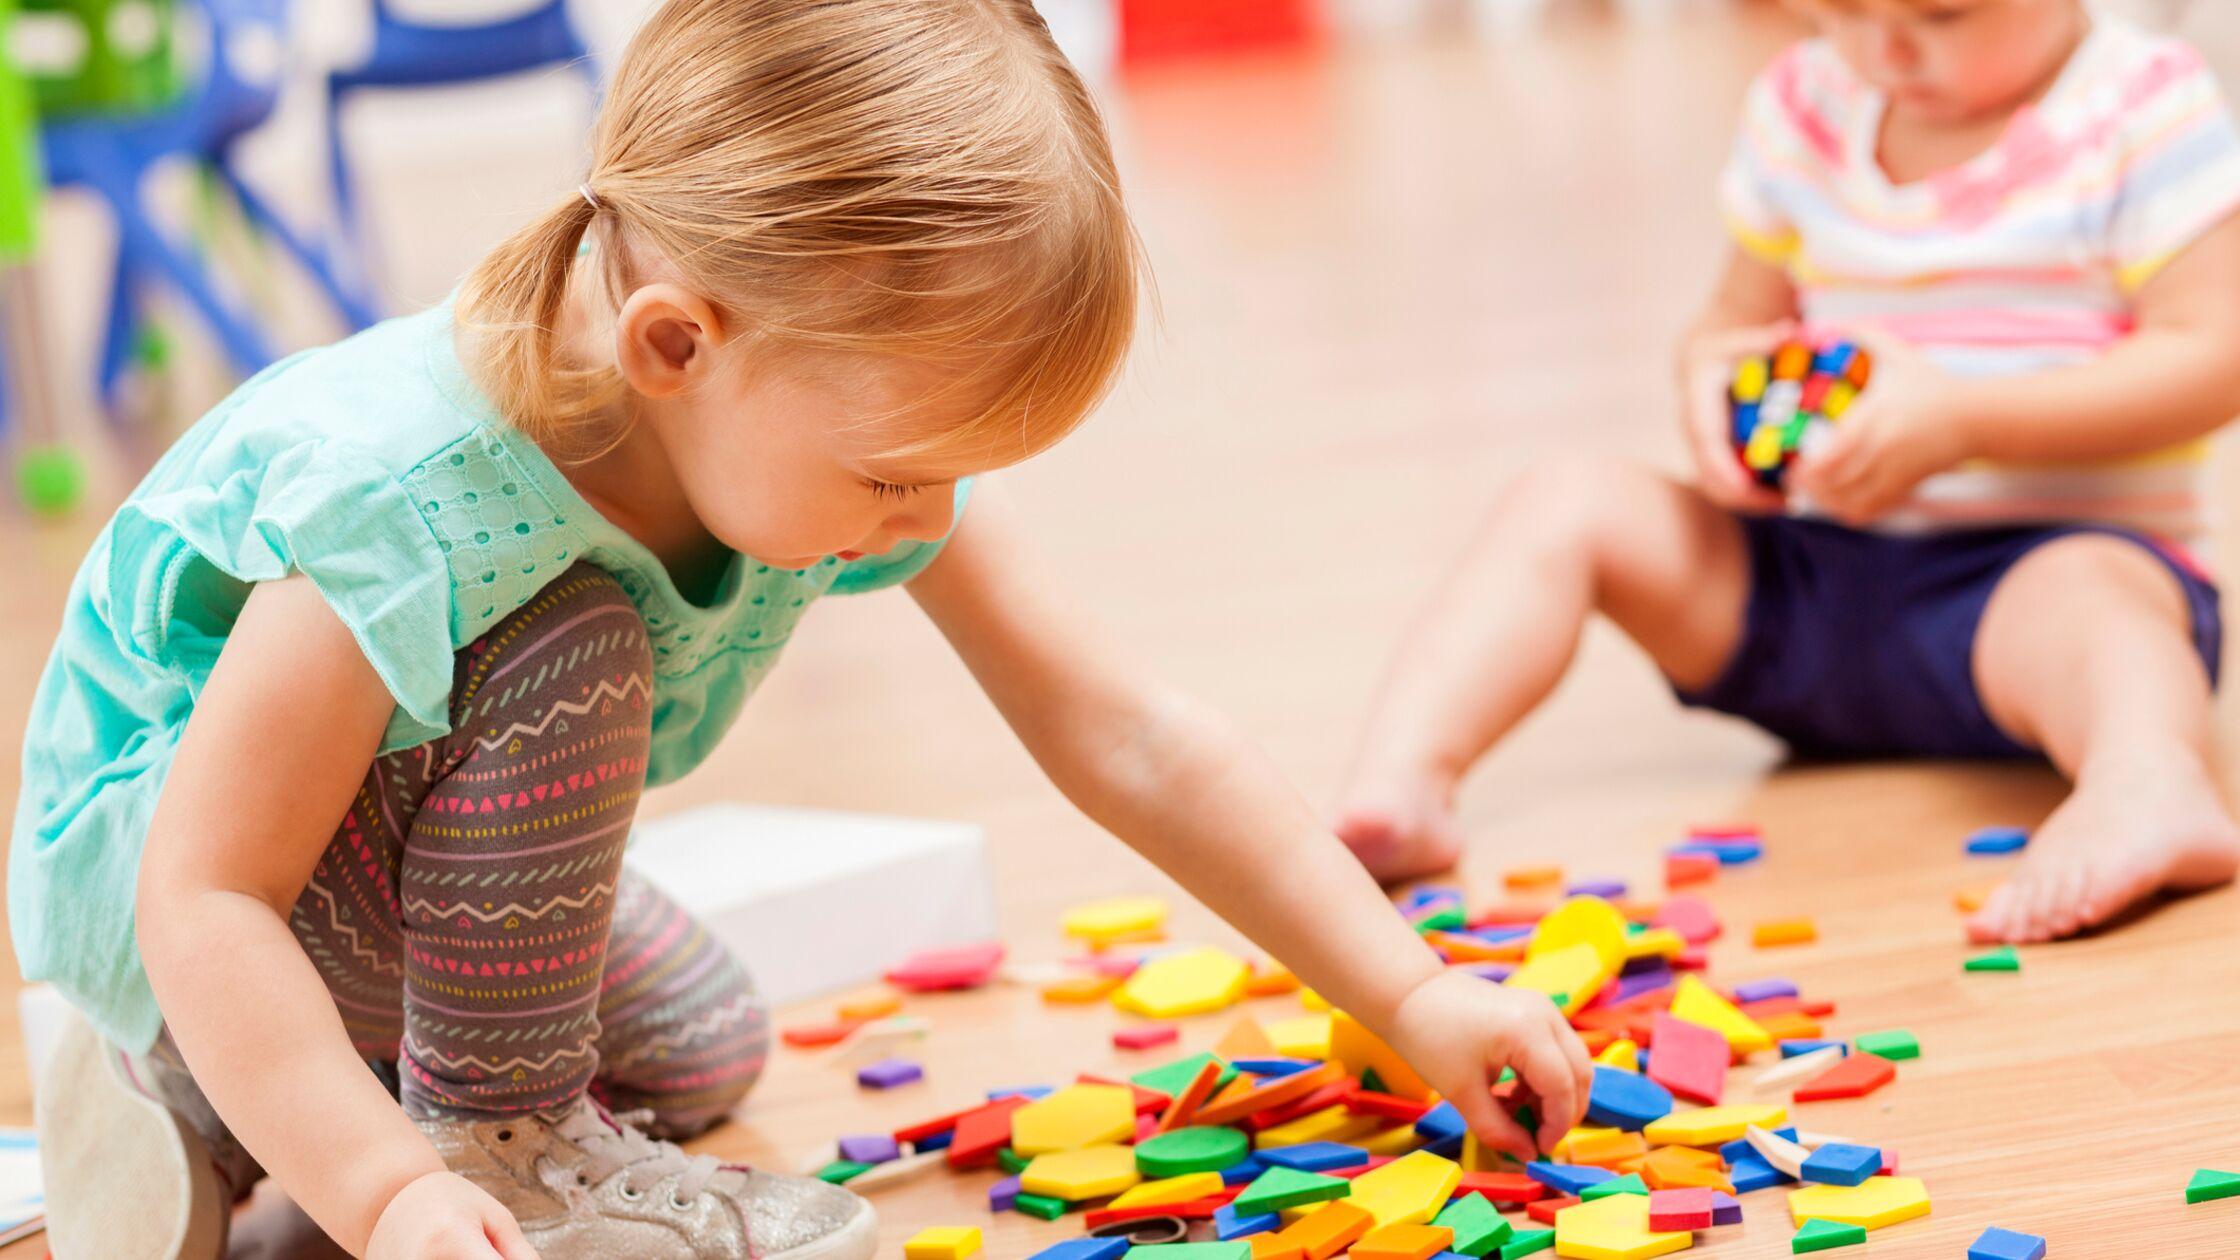 Neue Anmeldung im Kindergarten nach dem Umzug